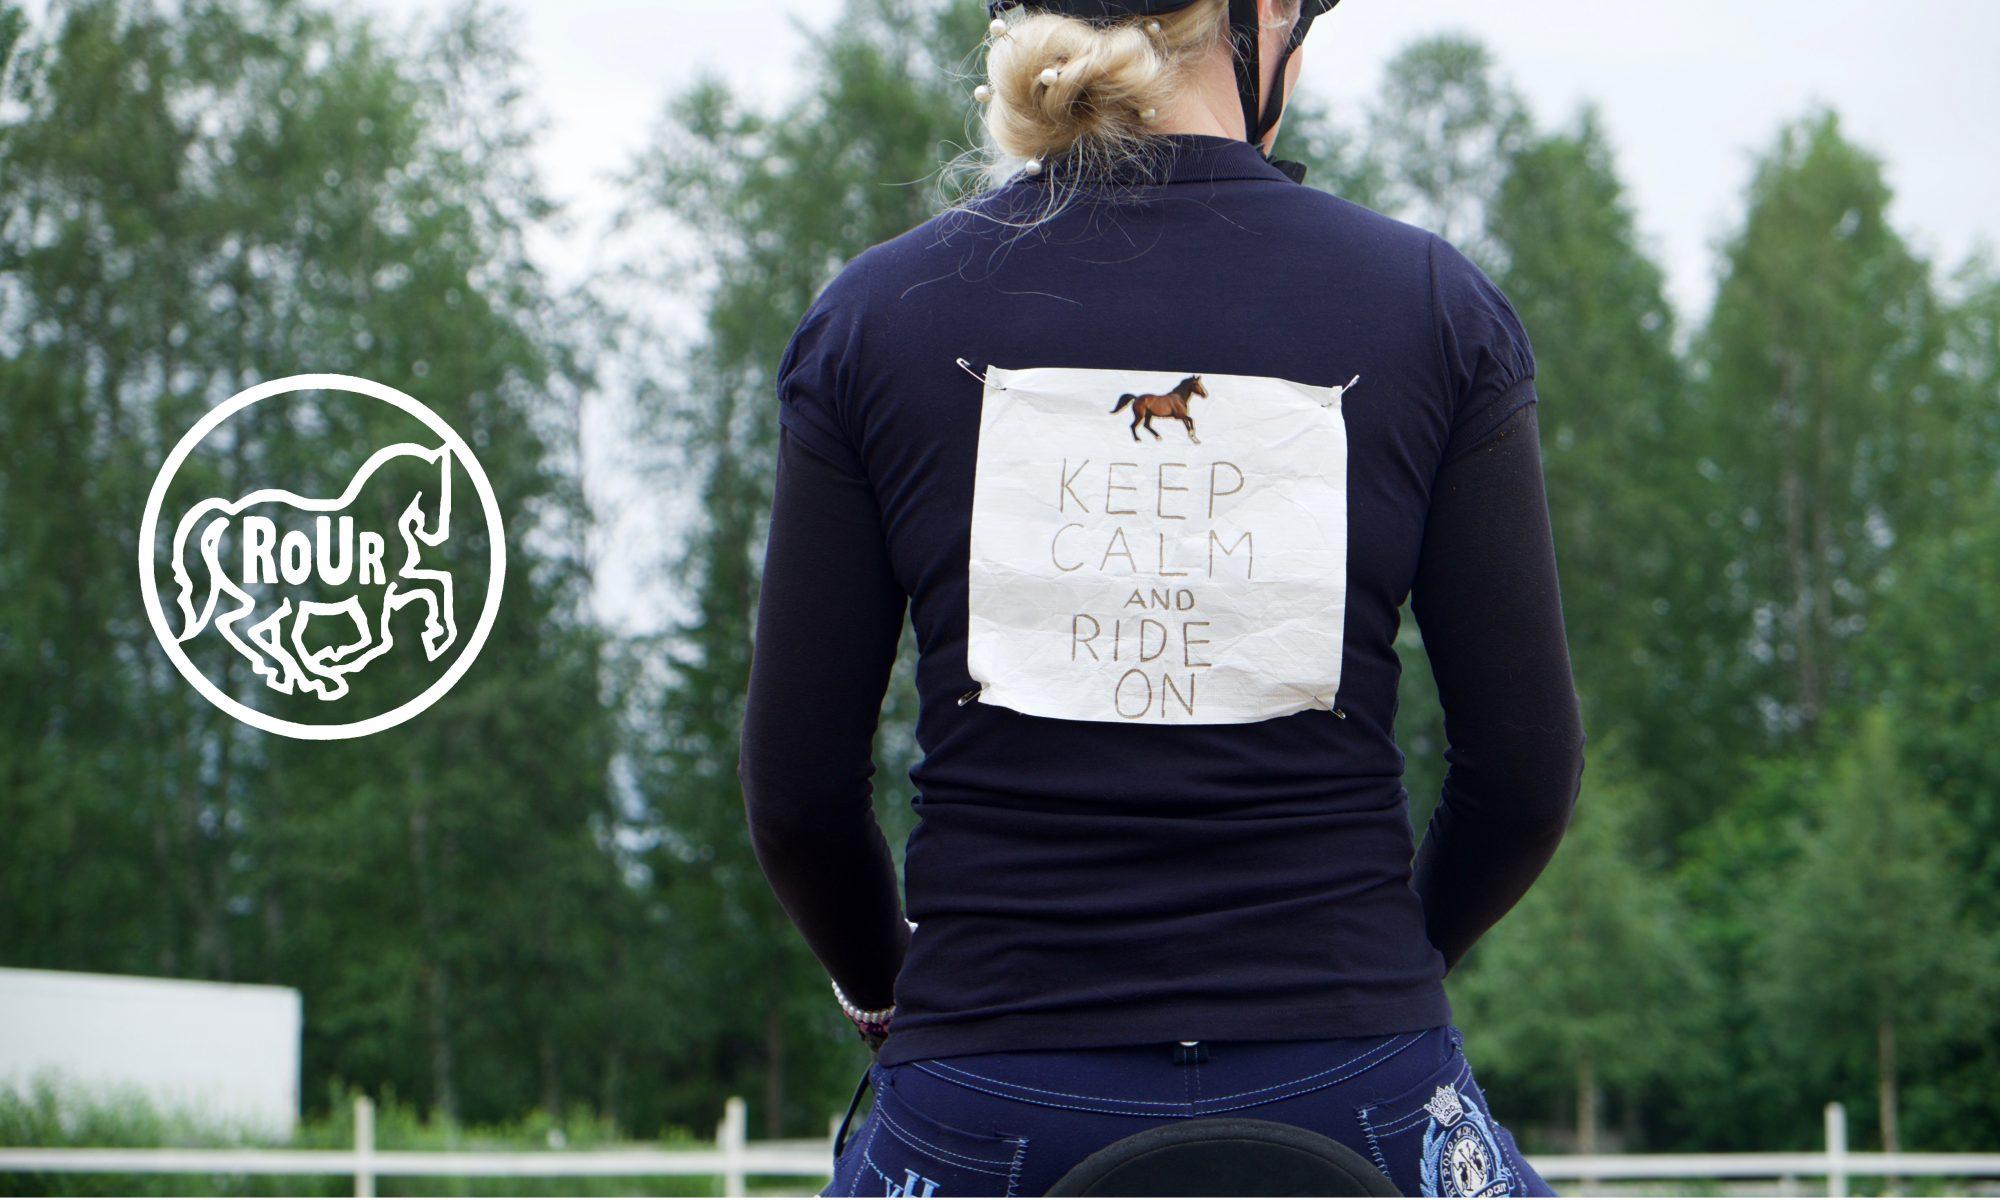 Rovaniemen Urheiluratsastajat ry